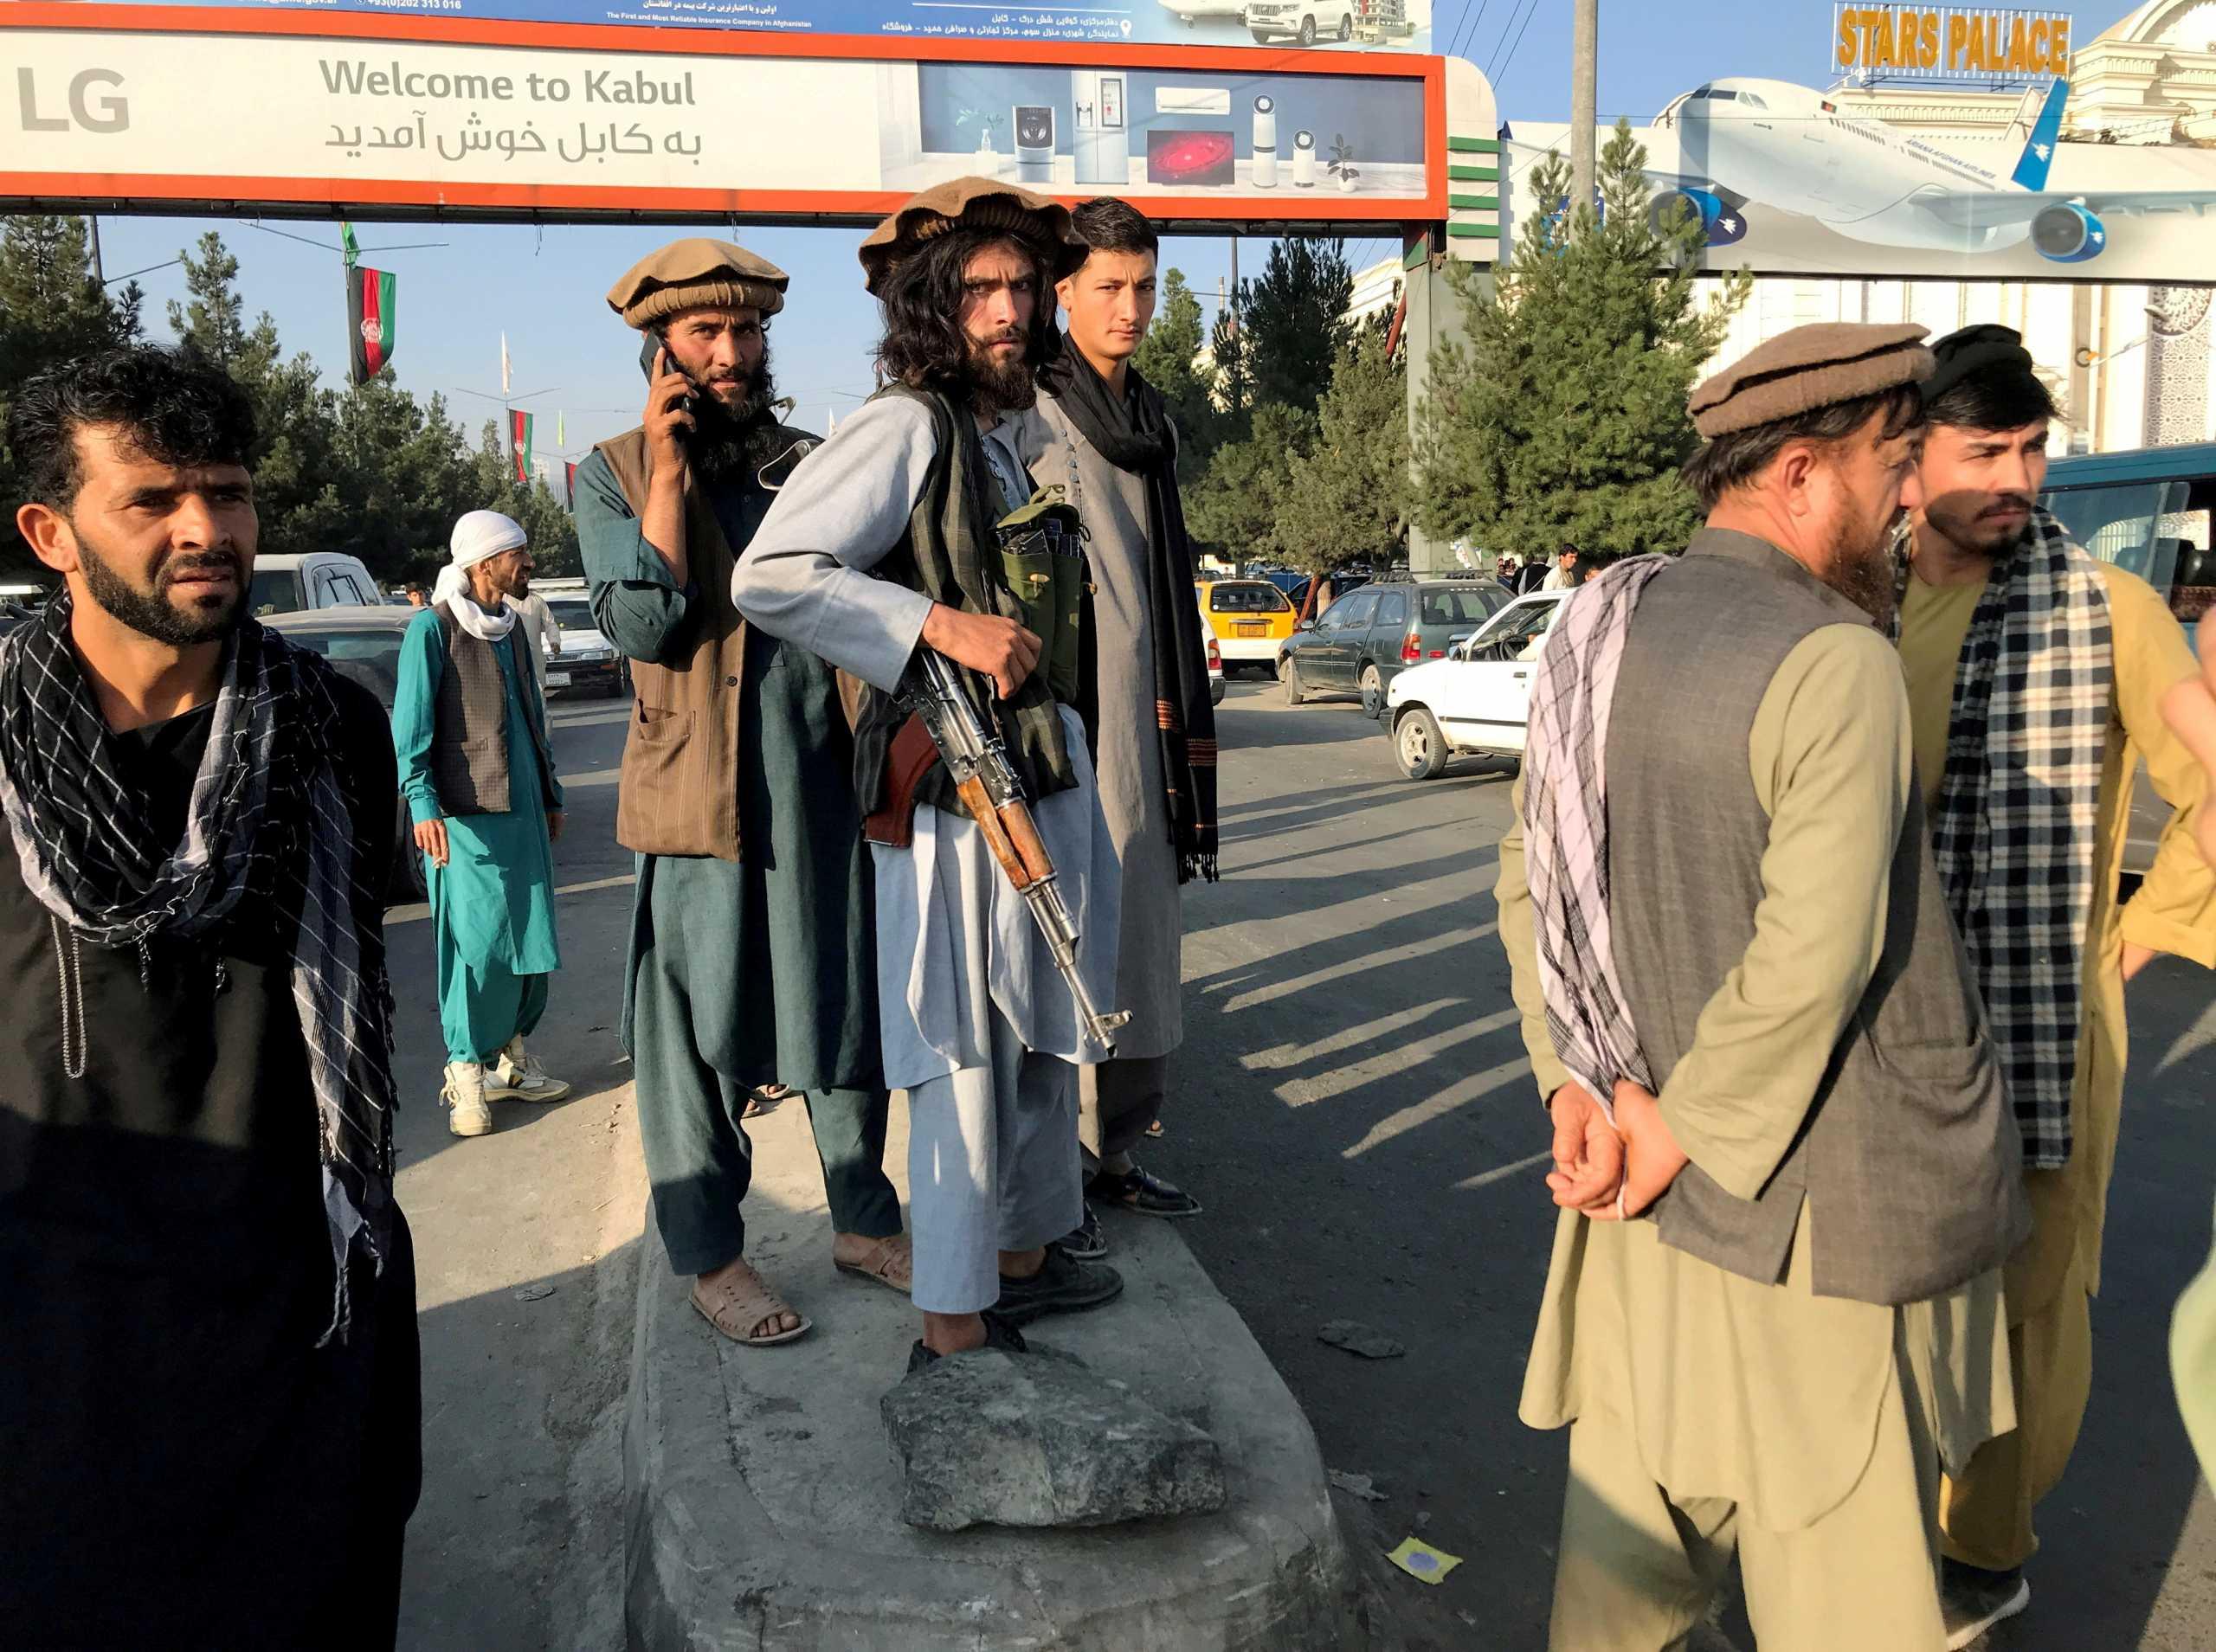 Αφγανιστάν: Οι Ταλιμπάν διατάσσουν τους μαχητές τους να «σεβαστούν τους ξένους»